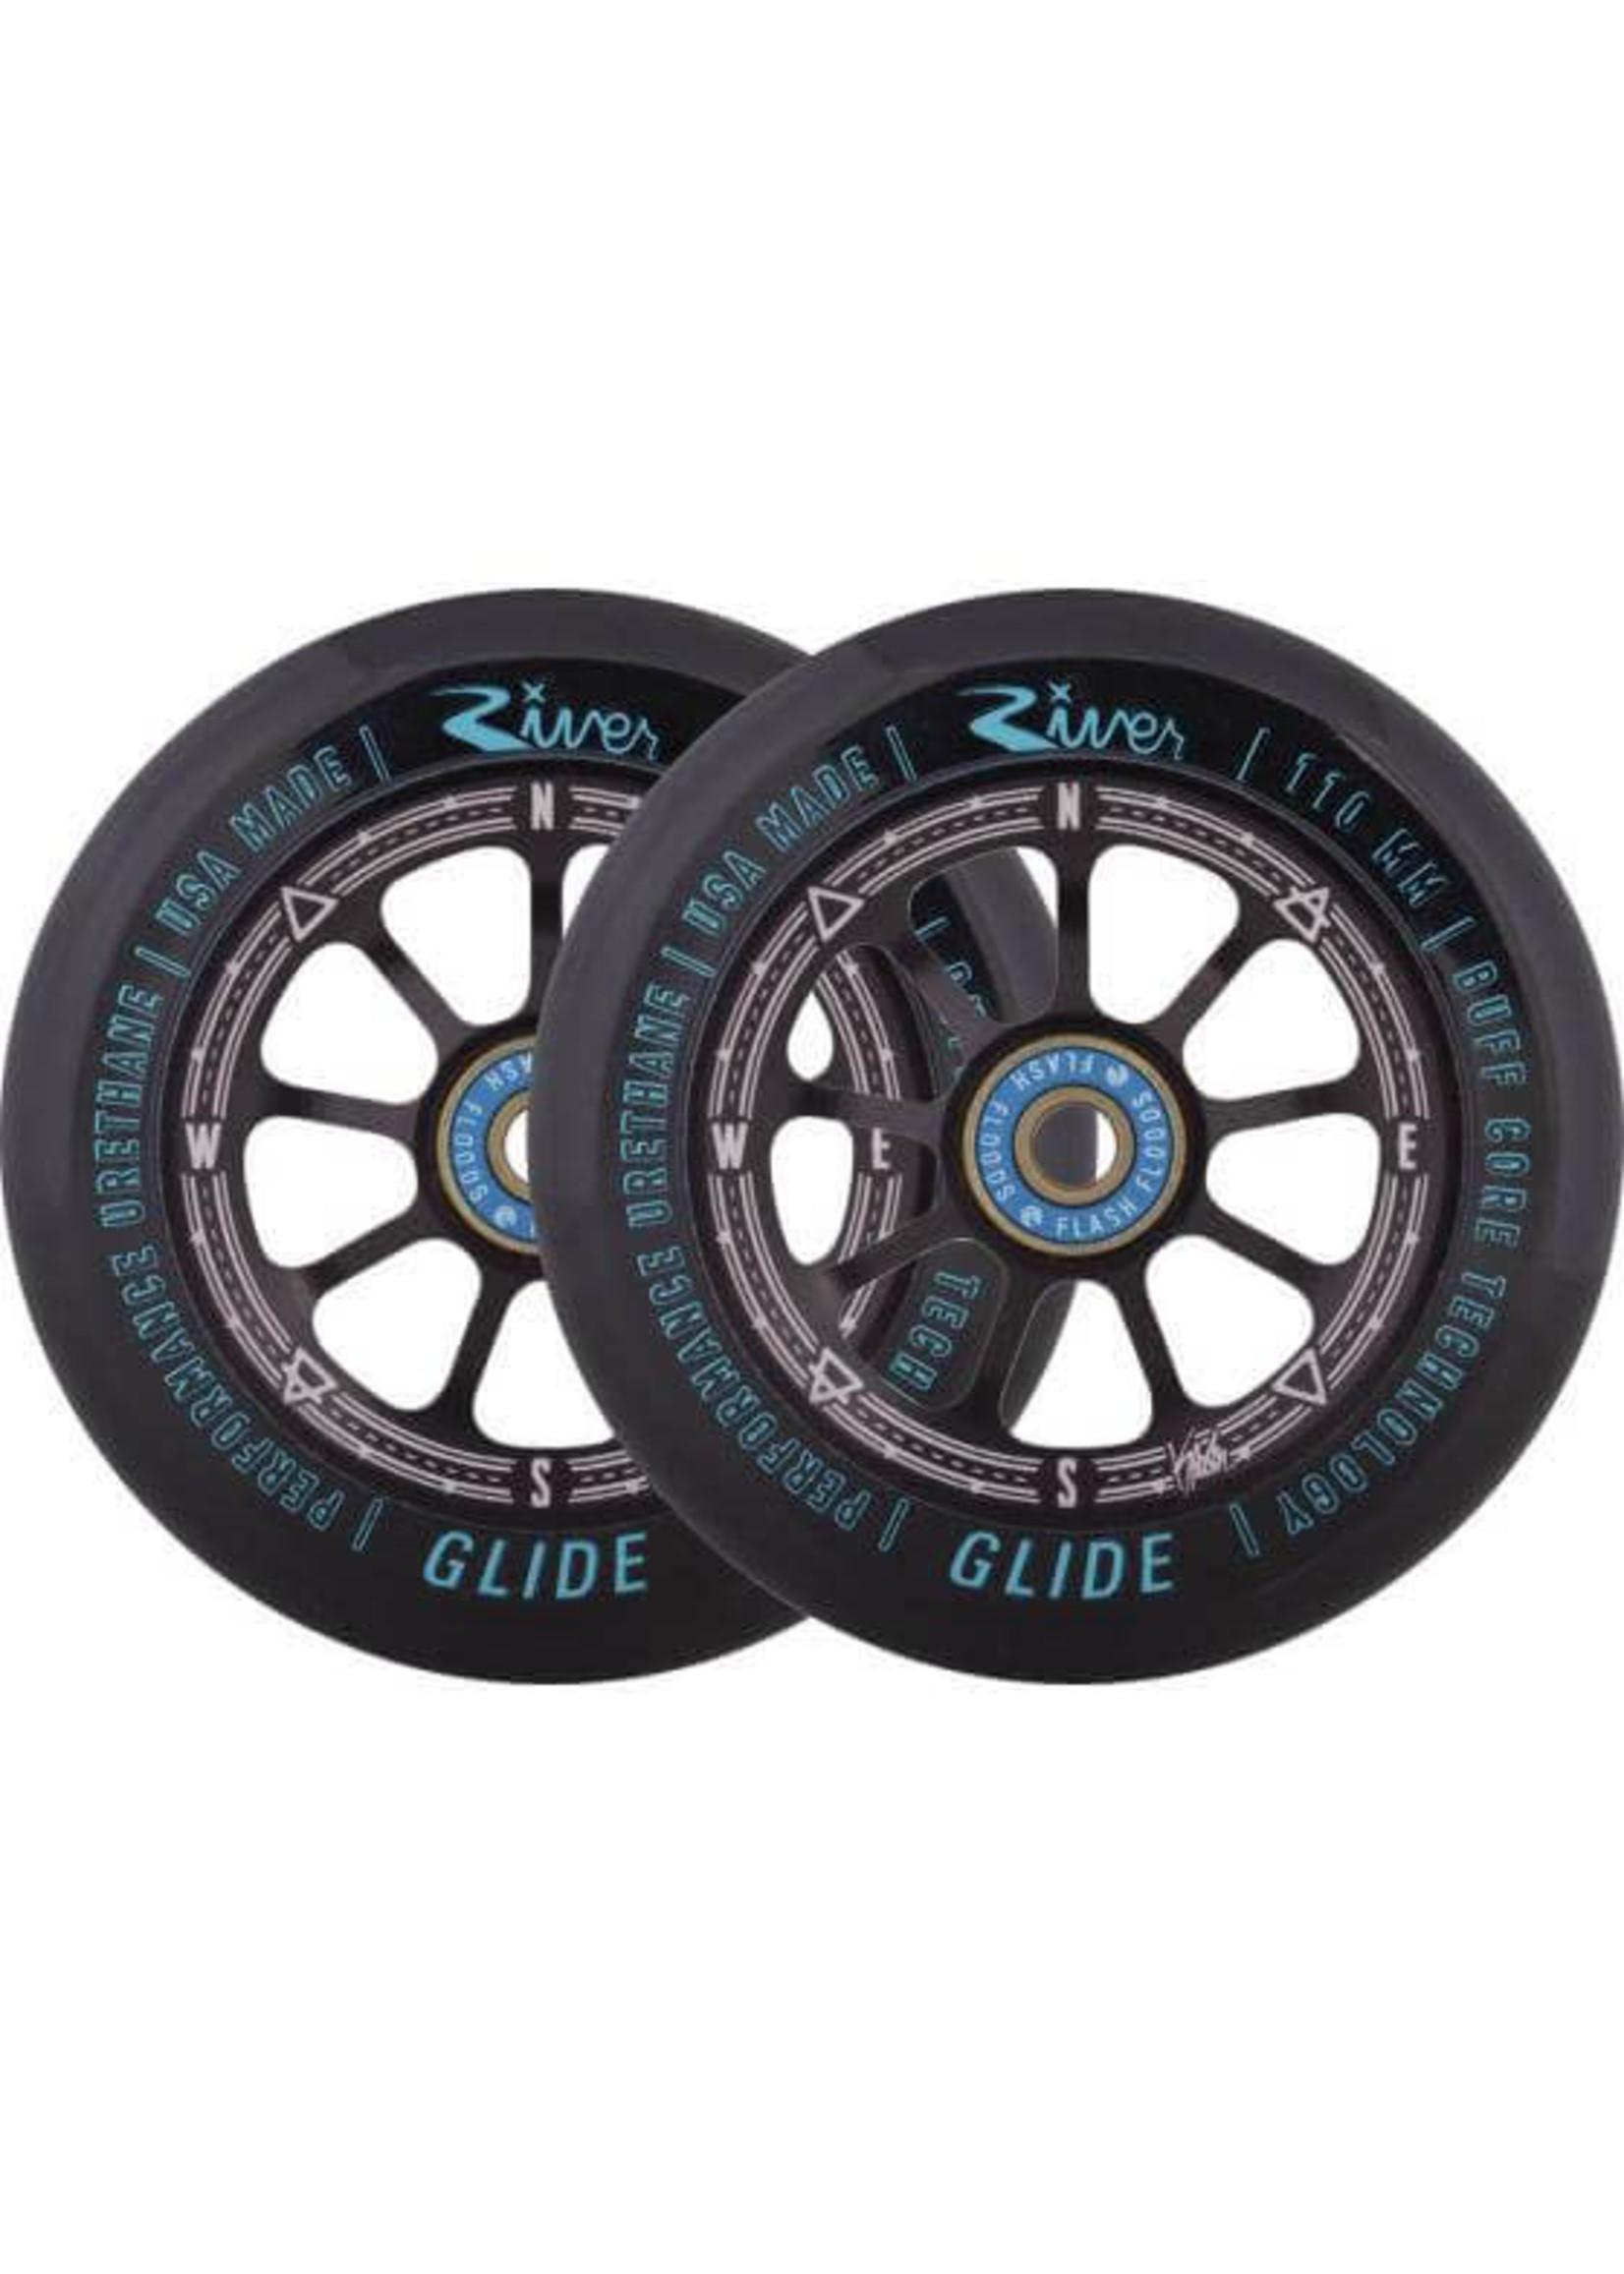 River Wheel Co. River - Glide Wheels Kevin Austin Sig. - 110mm